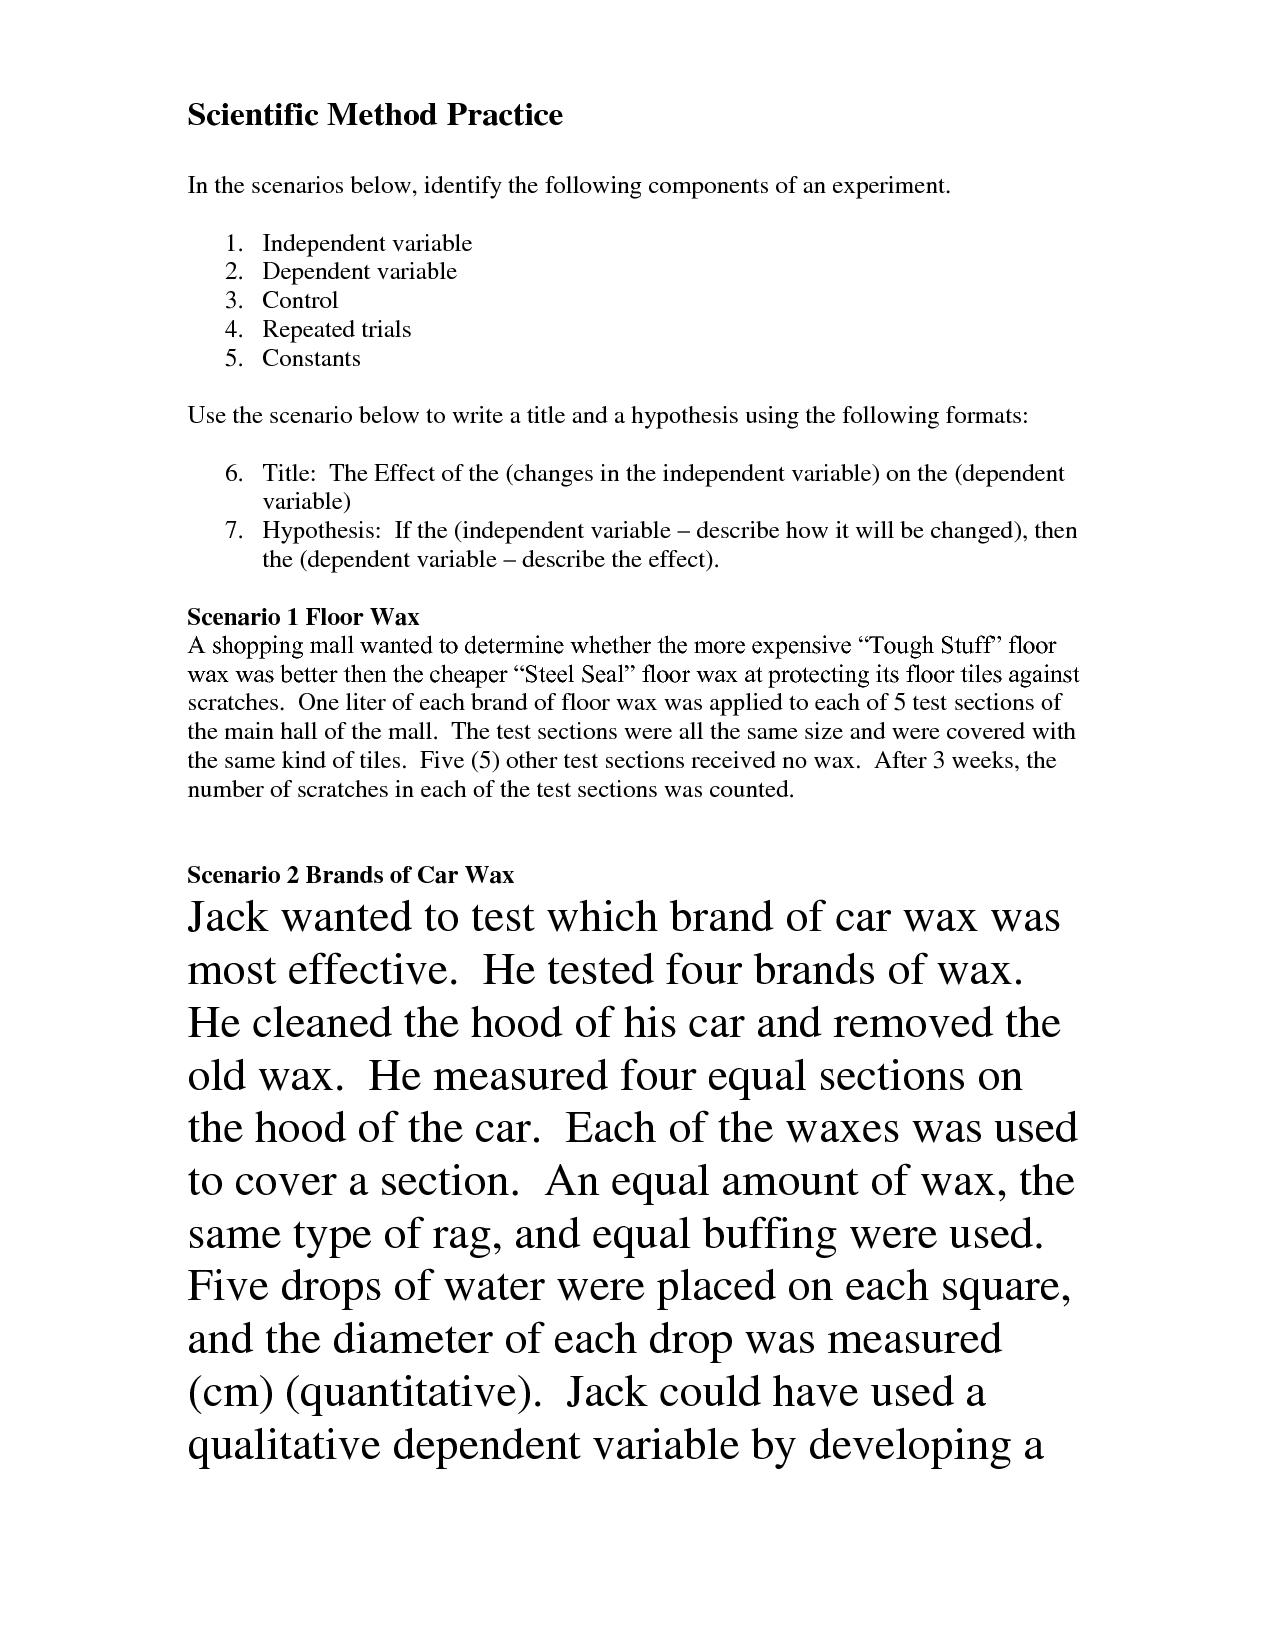 hight resolution of 14 Best Images of Scientific Variables Worksheet - Scientific Method  Scenarios Worksheet